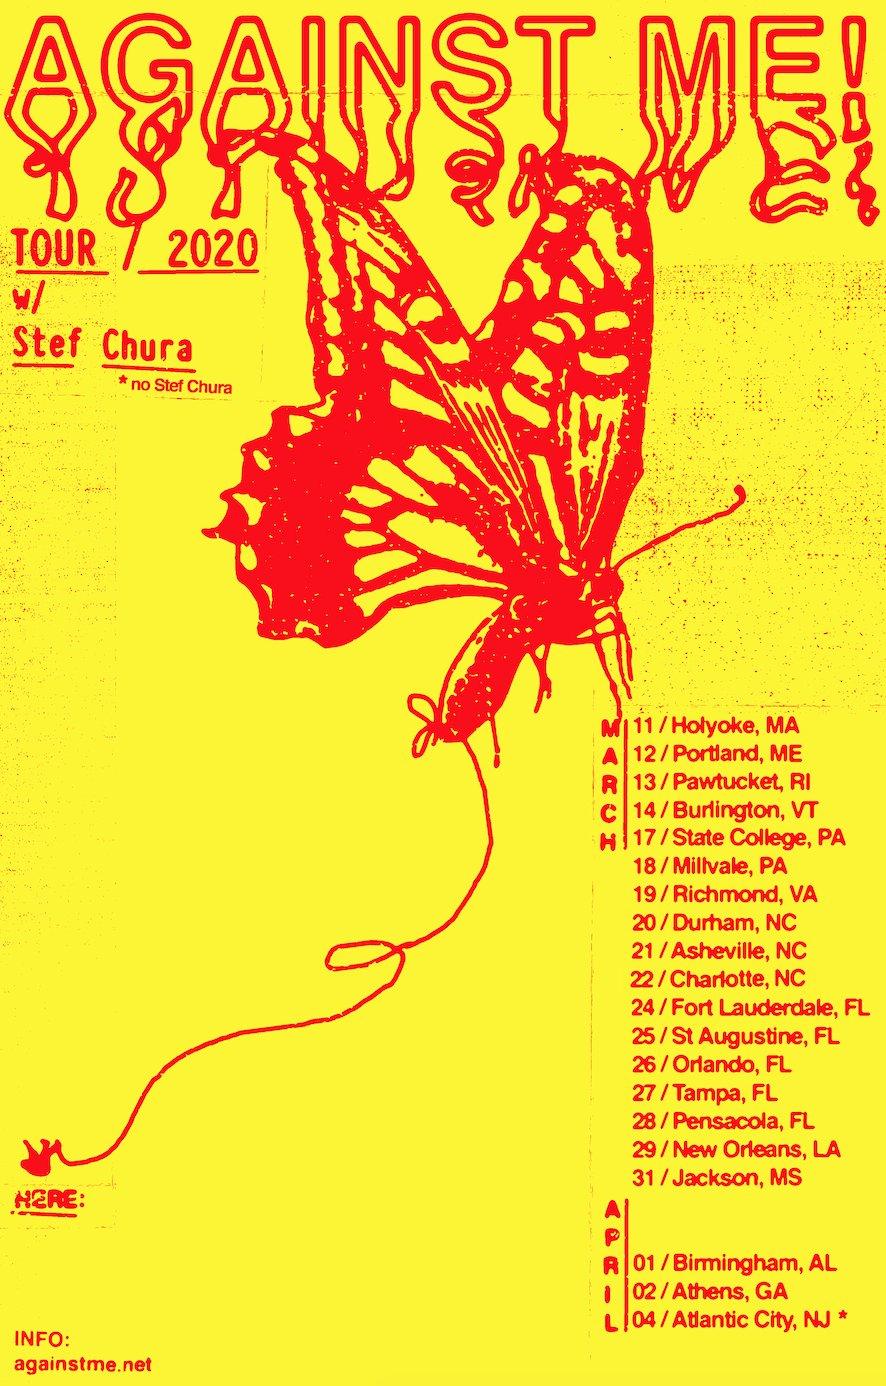 Against Me March Tour flyer